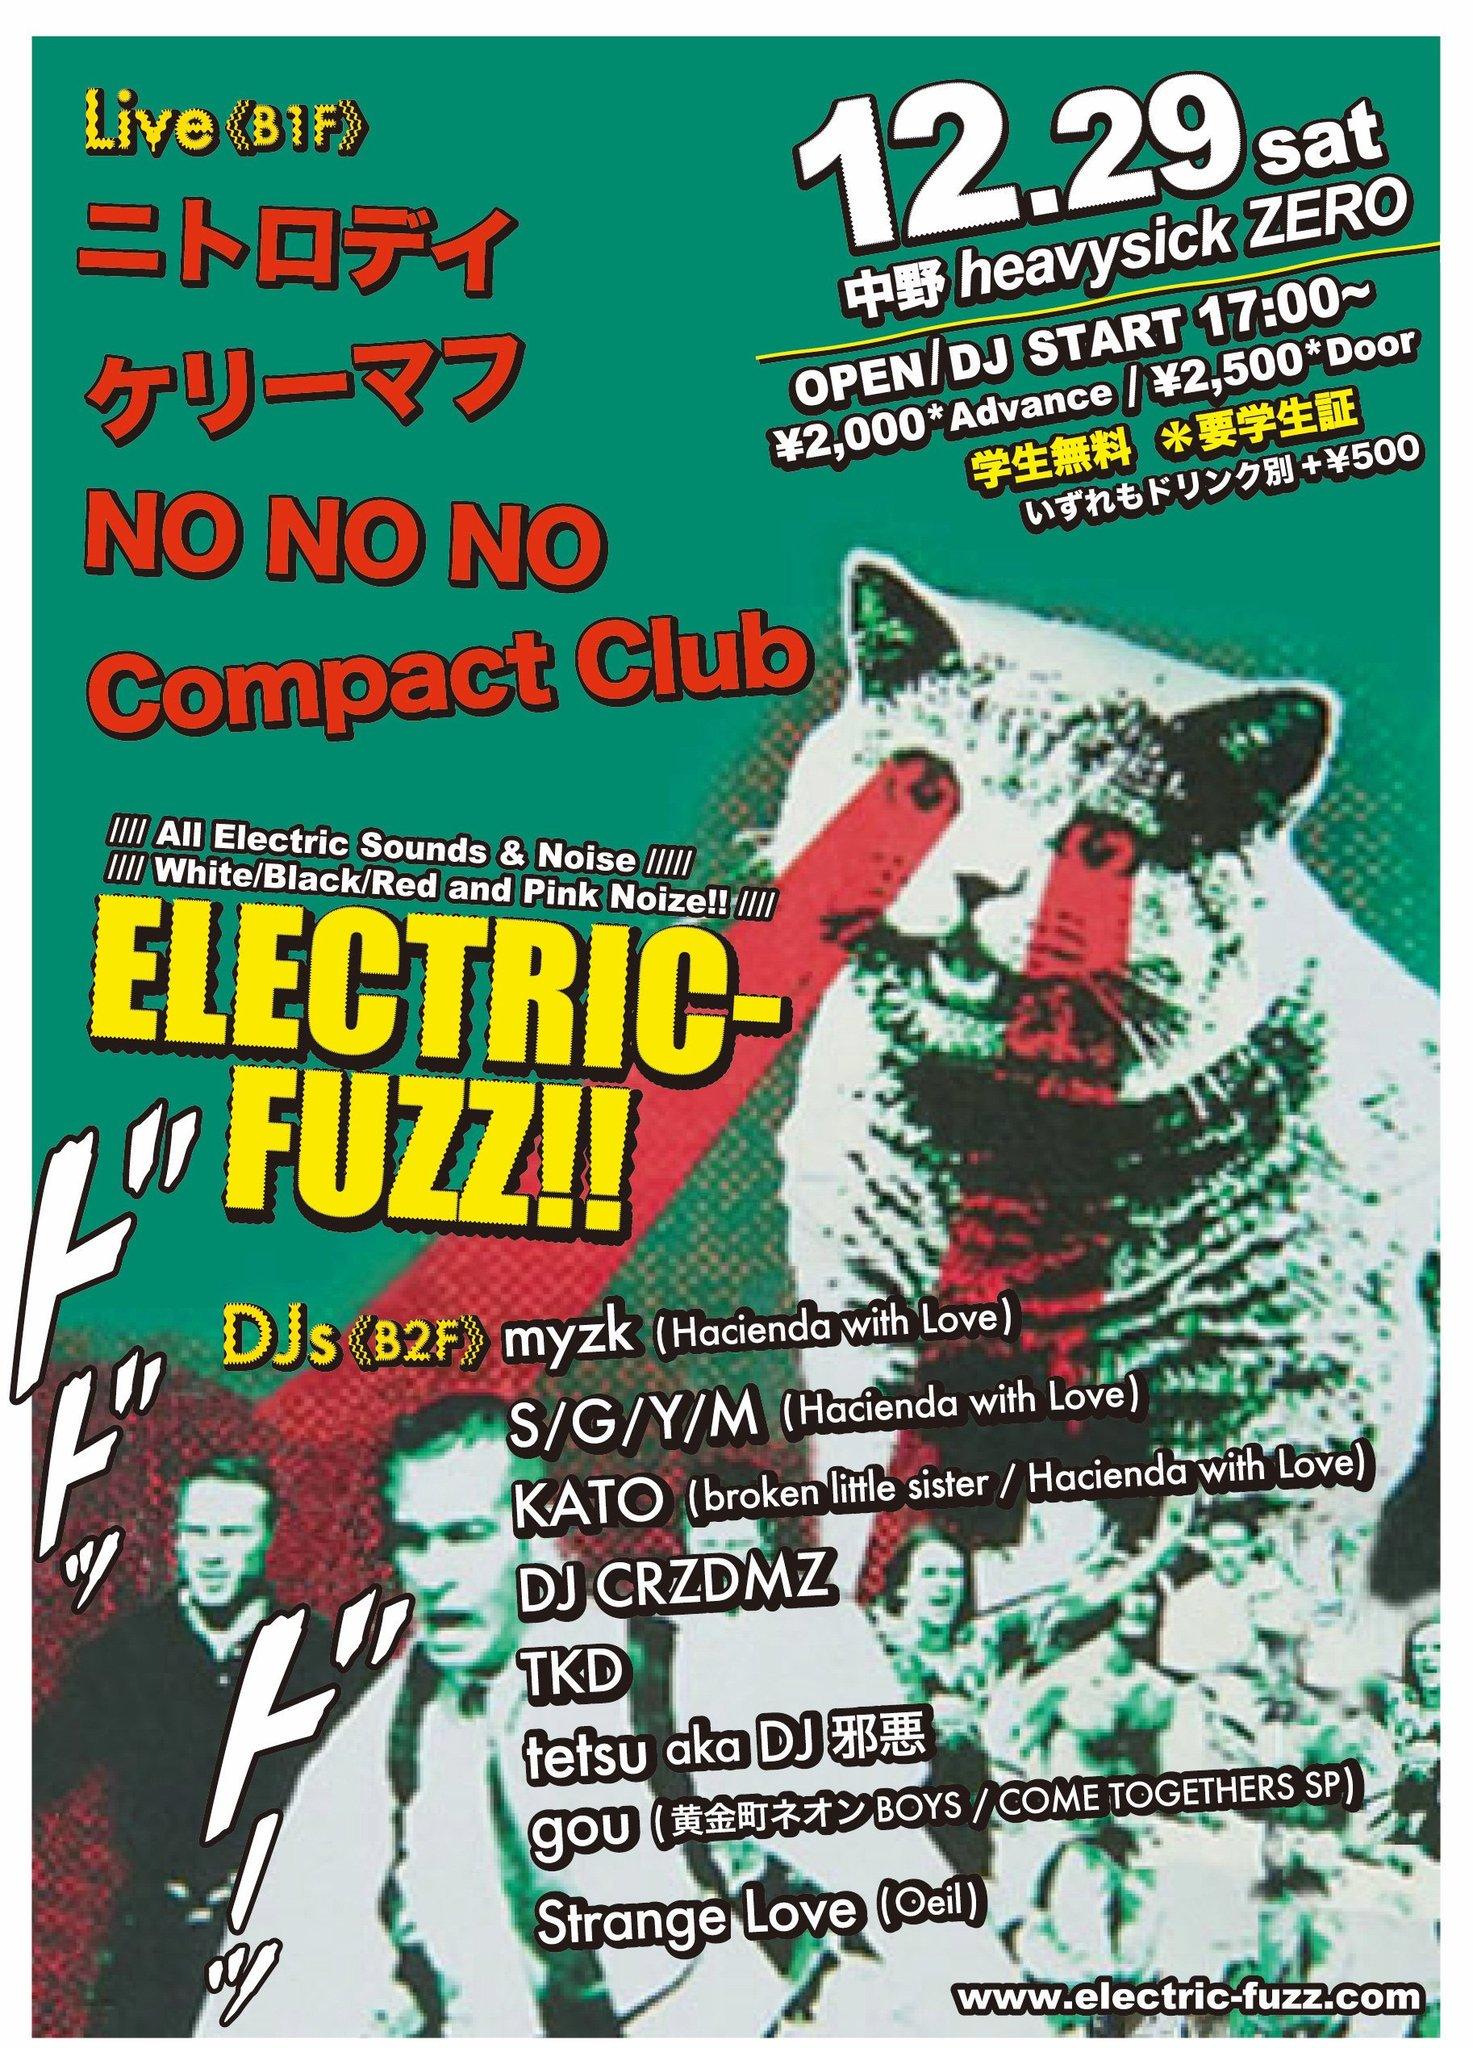 ELECTRIC-FUZZ!!